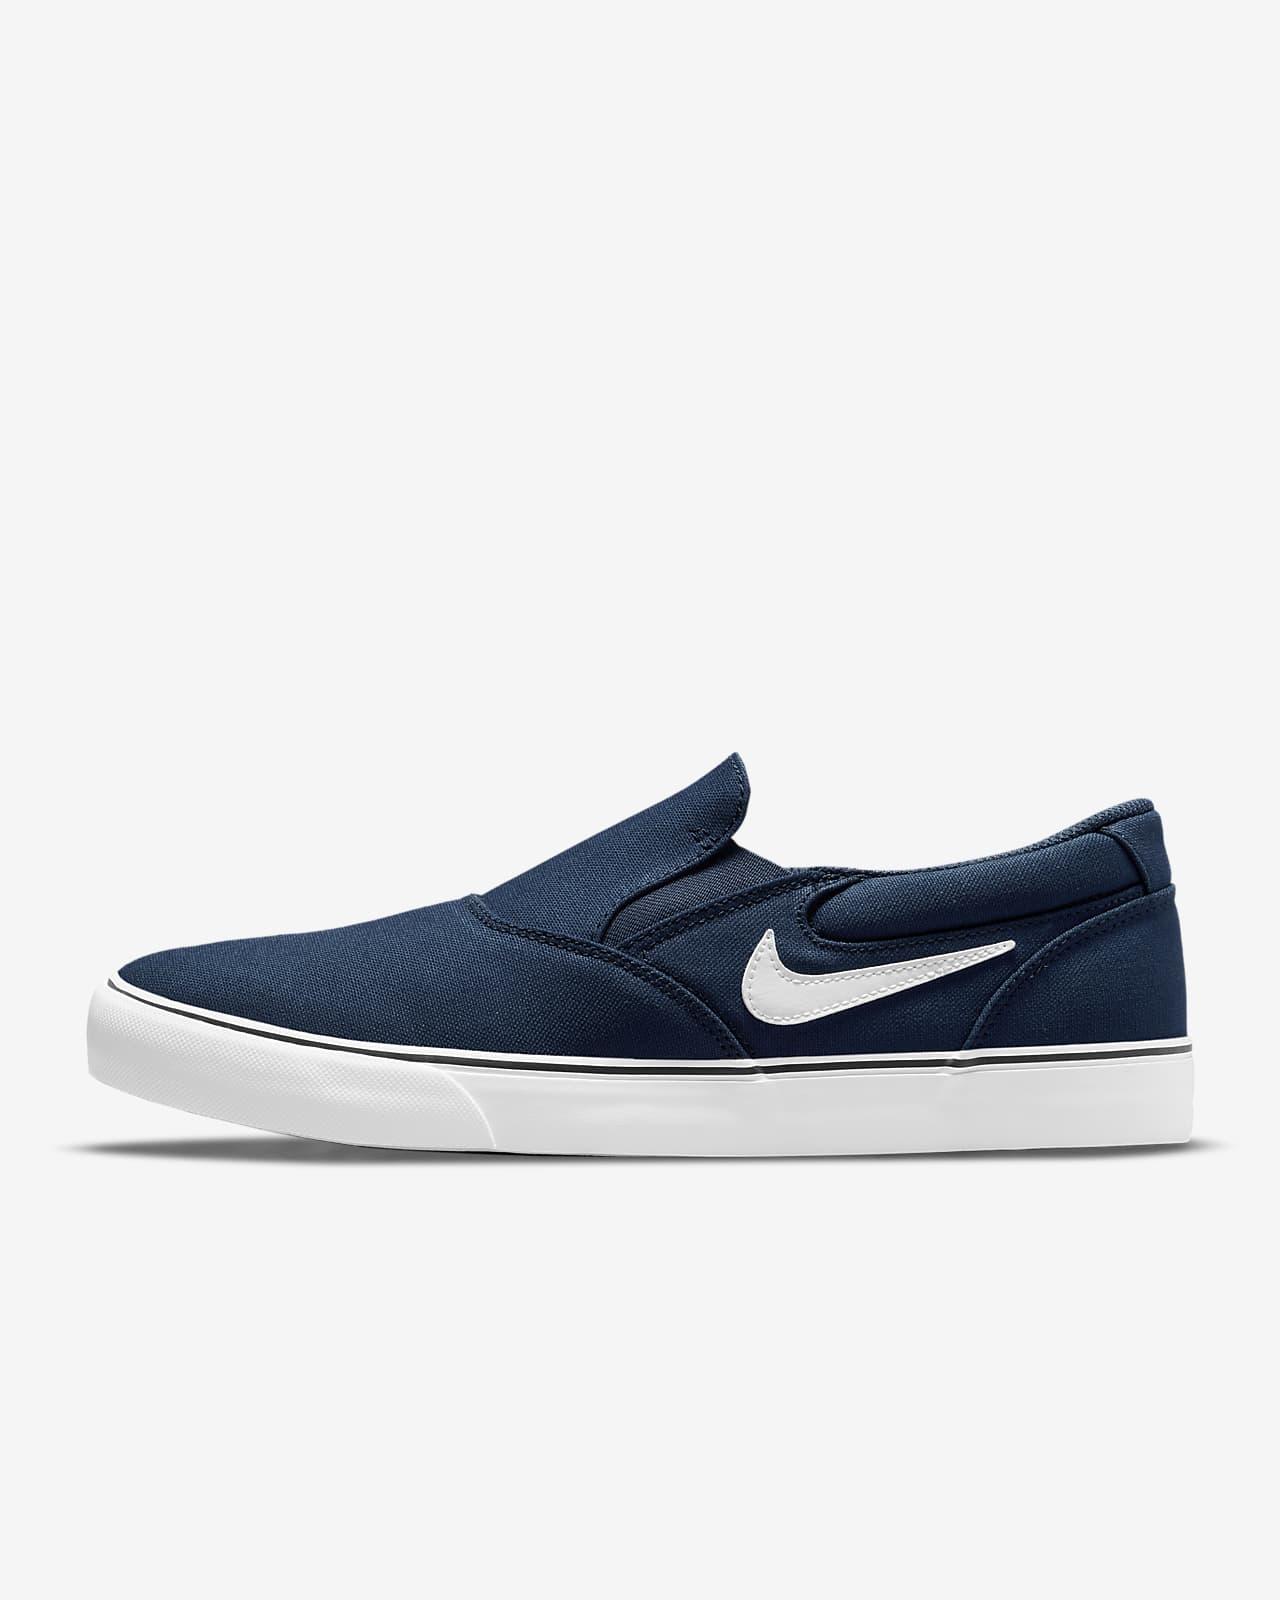 Nike SB Chron 2 Slip Skate Shoes